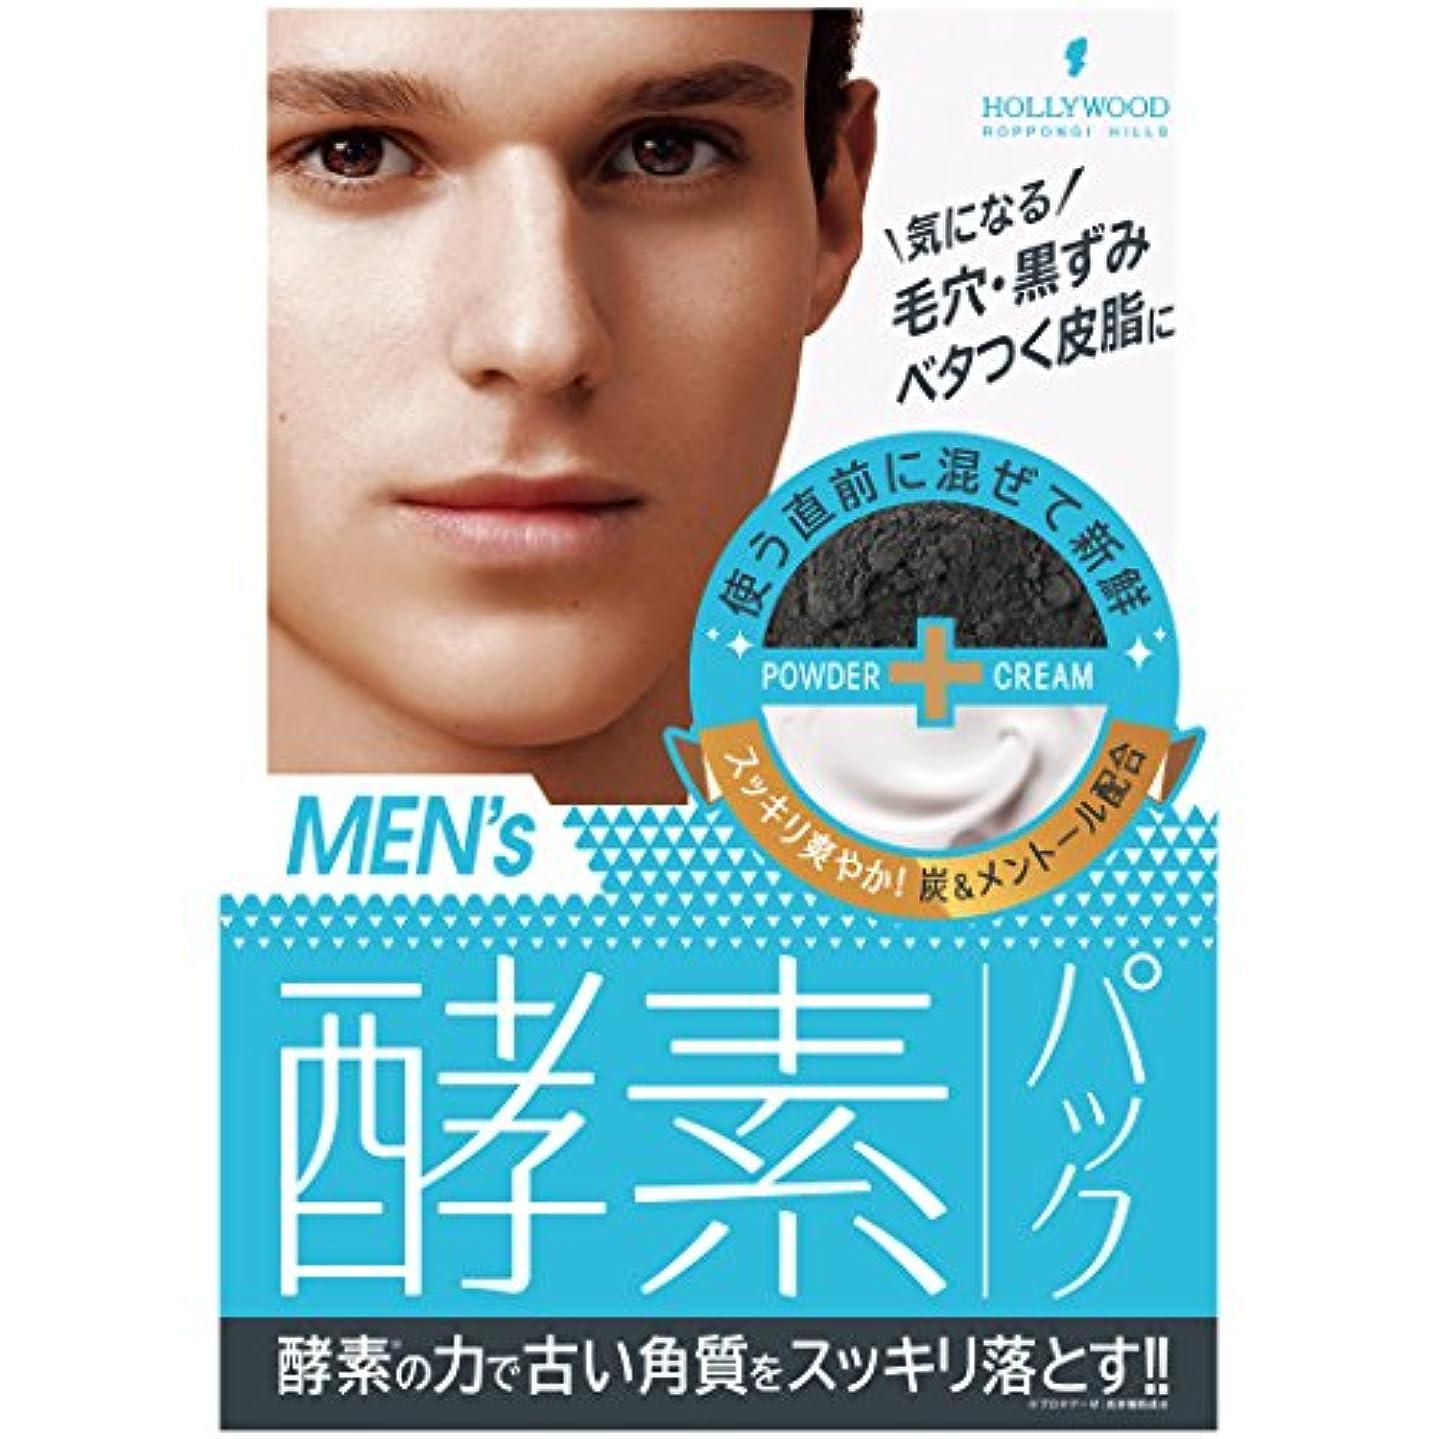 意気揚々フィットネス慢オーキッド ピックアップマスク メンズ (1回分)